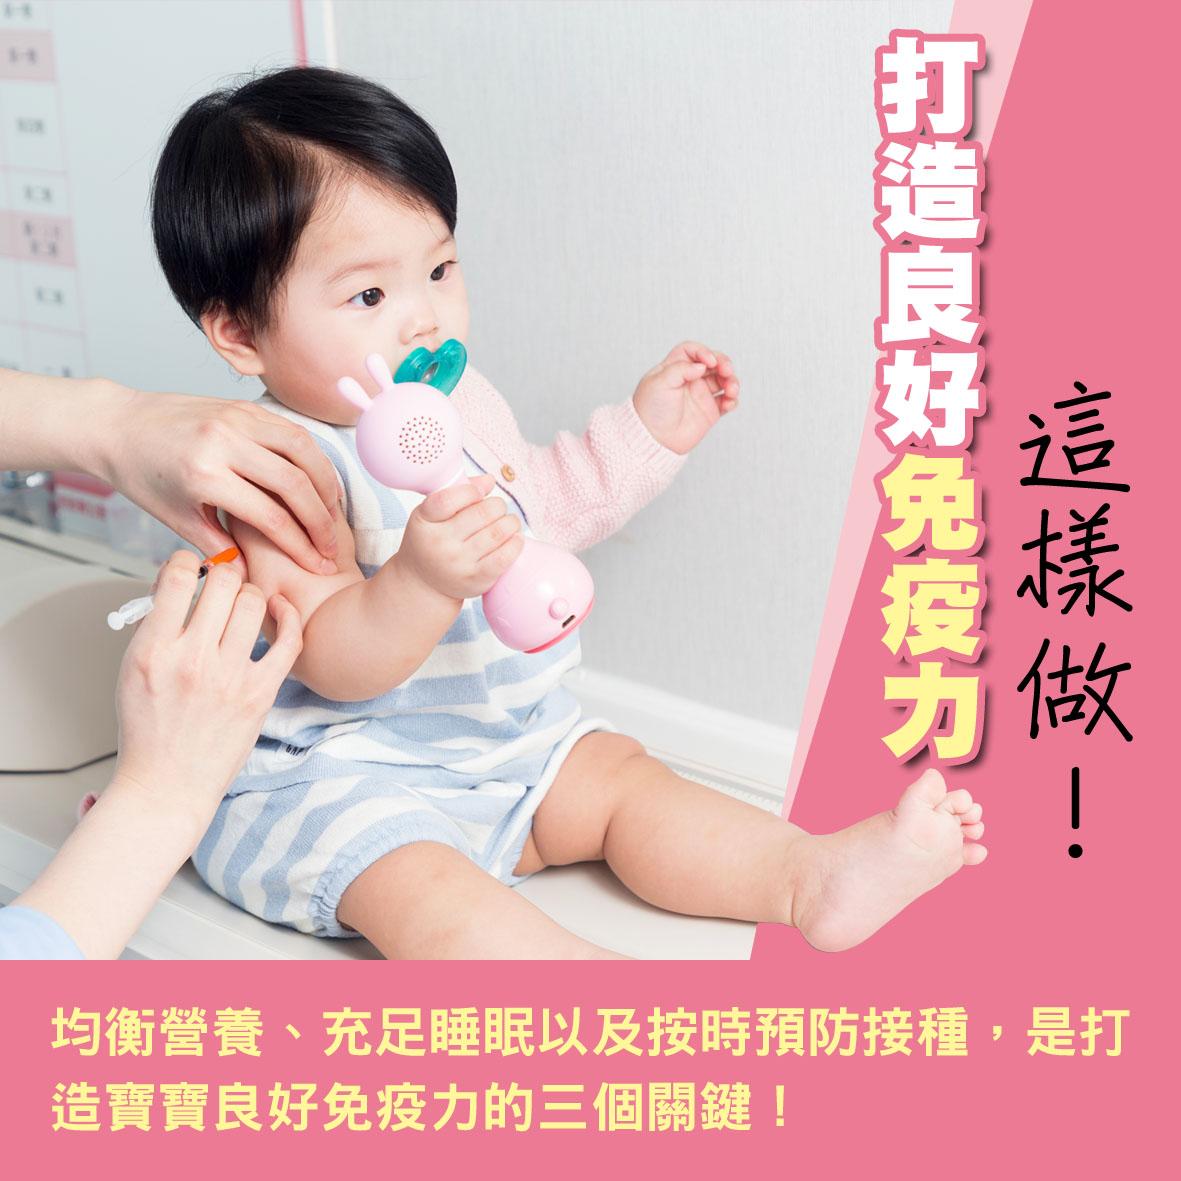 寶寶篇第46週-打造良好免疫力這樣做